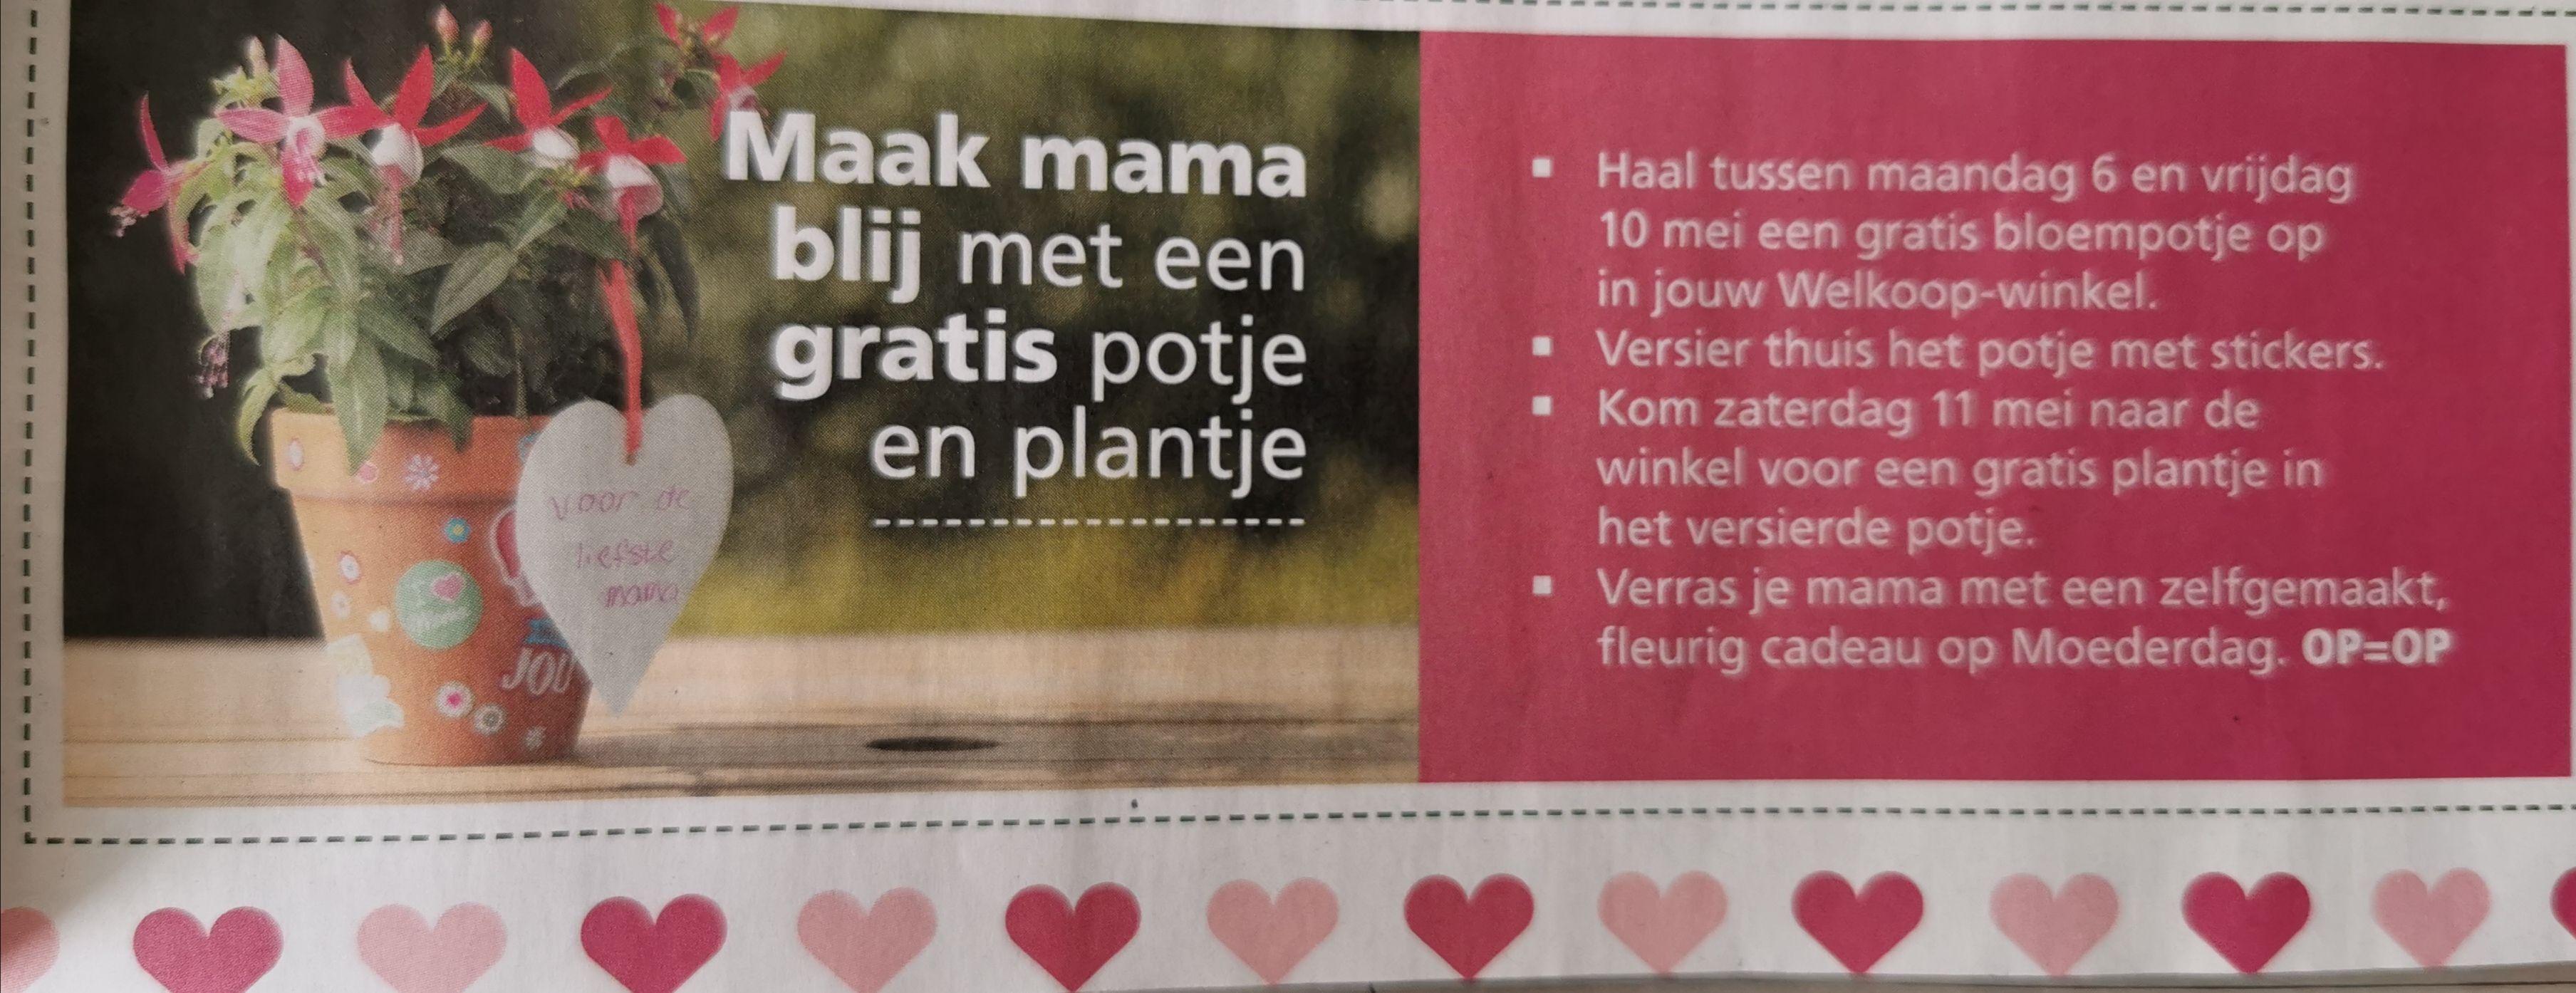 Maak mama blij met een gratis potje en plantje @ Welkoop